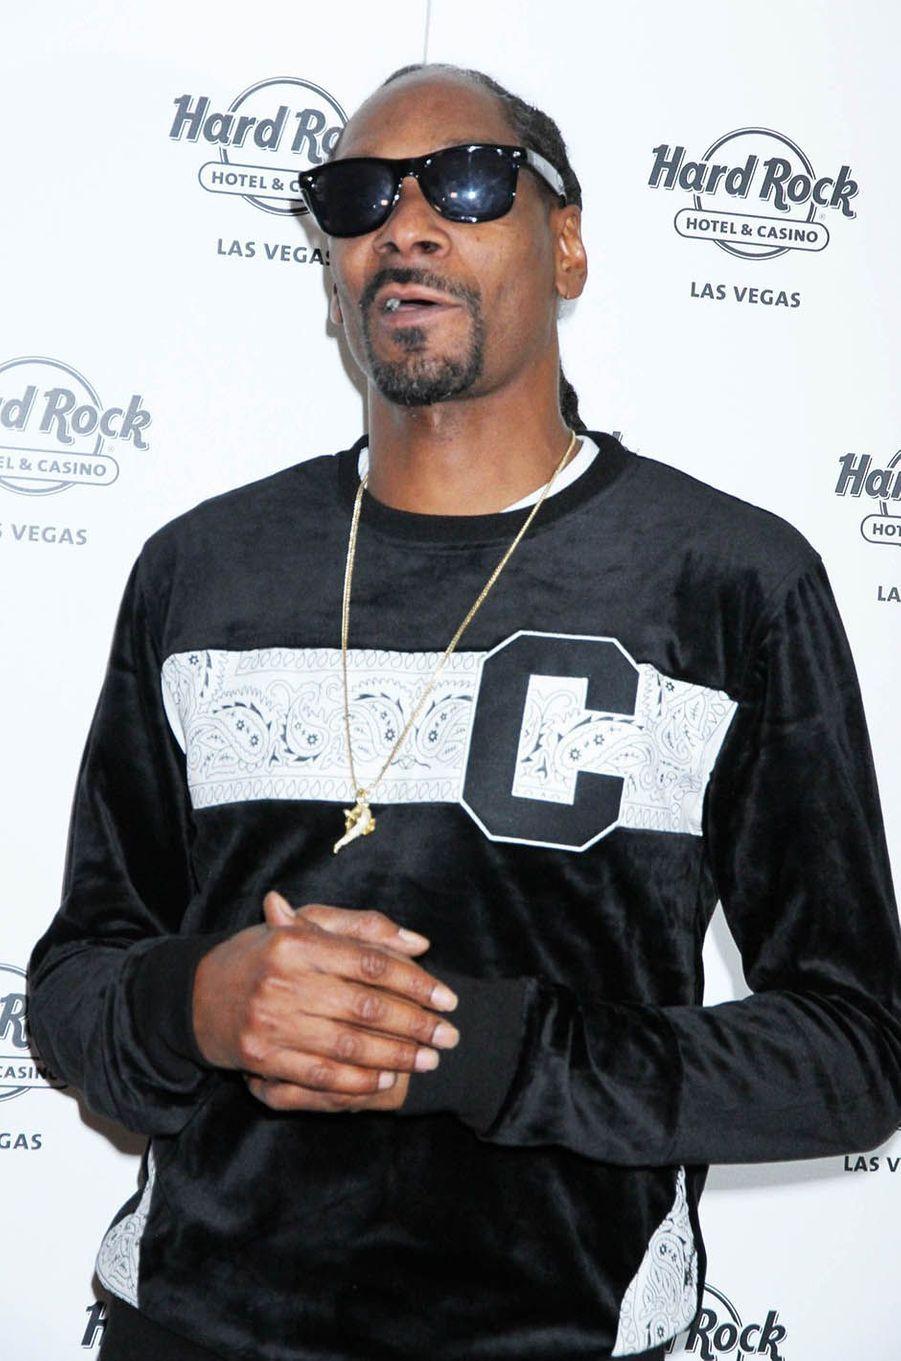 La dernière affaire de Snoop Dogg : une jeune fille de 16 ans a été blessée lors d'un de ses concerts aux Etats-Unis, en octobre dernier. Sa mère a porté plainte contre lui.